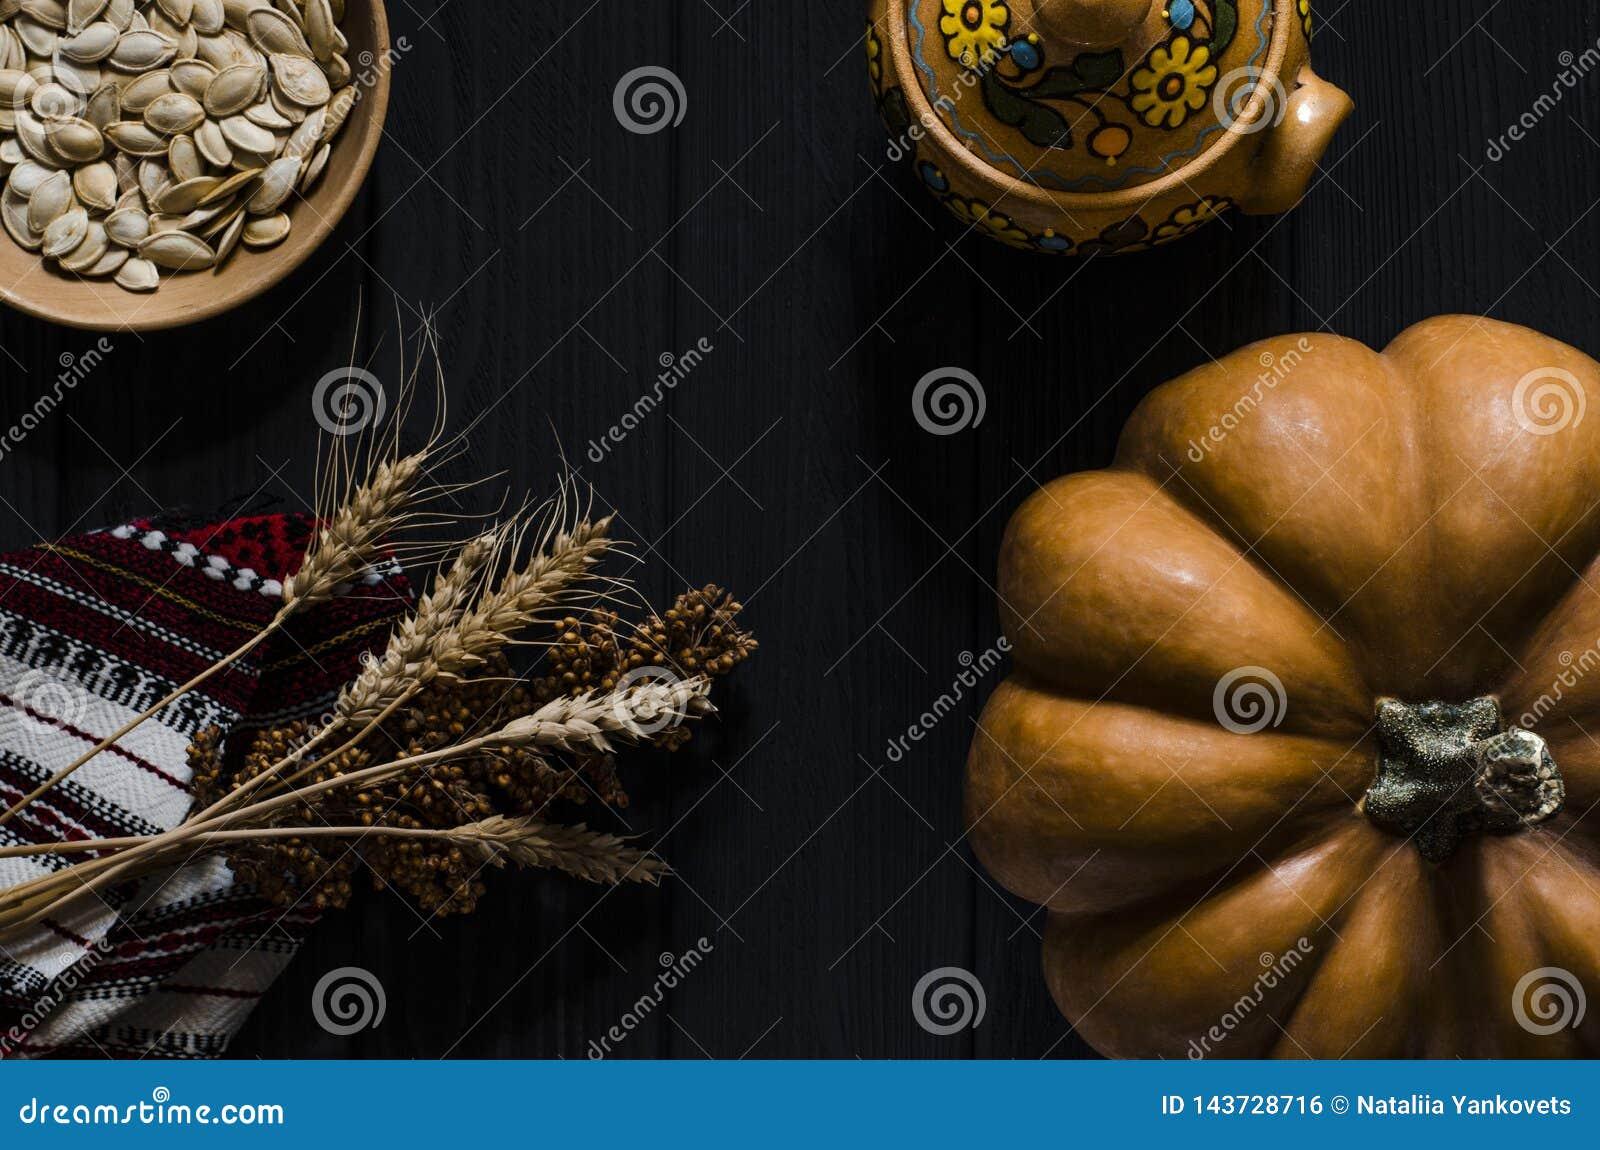 Η πορτοκαλιά κολοκύθα, οι σπόροι κολοκύθας και τα αυτιά σίτου βρίσκονται σε ένα μαύρο ξύλινο υπόβαθρο